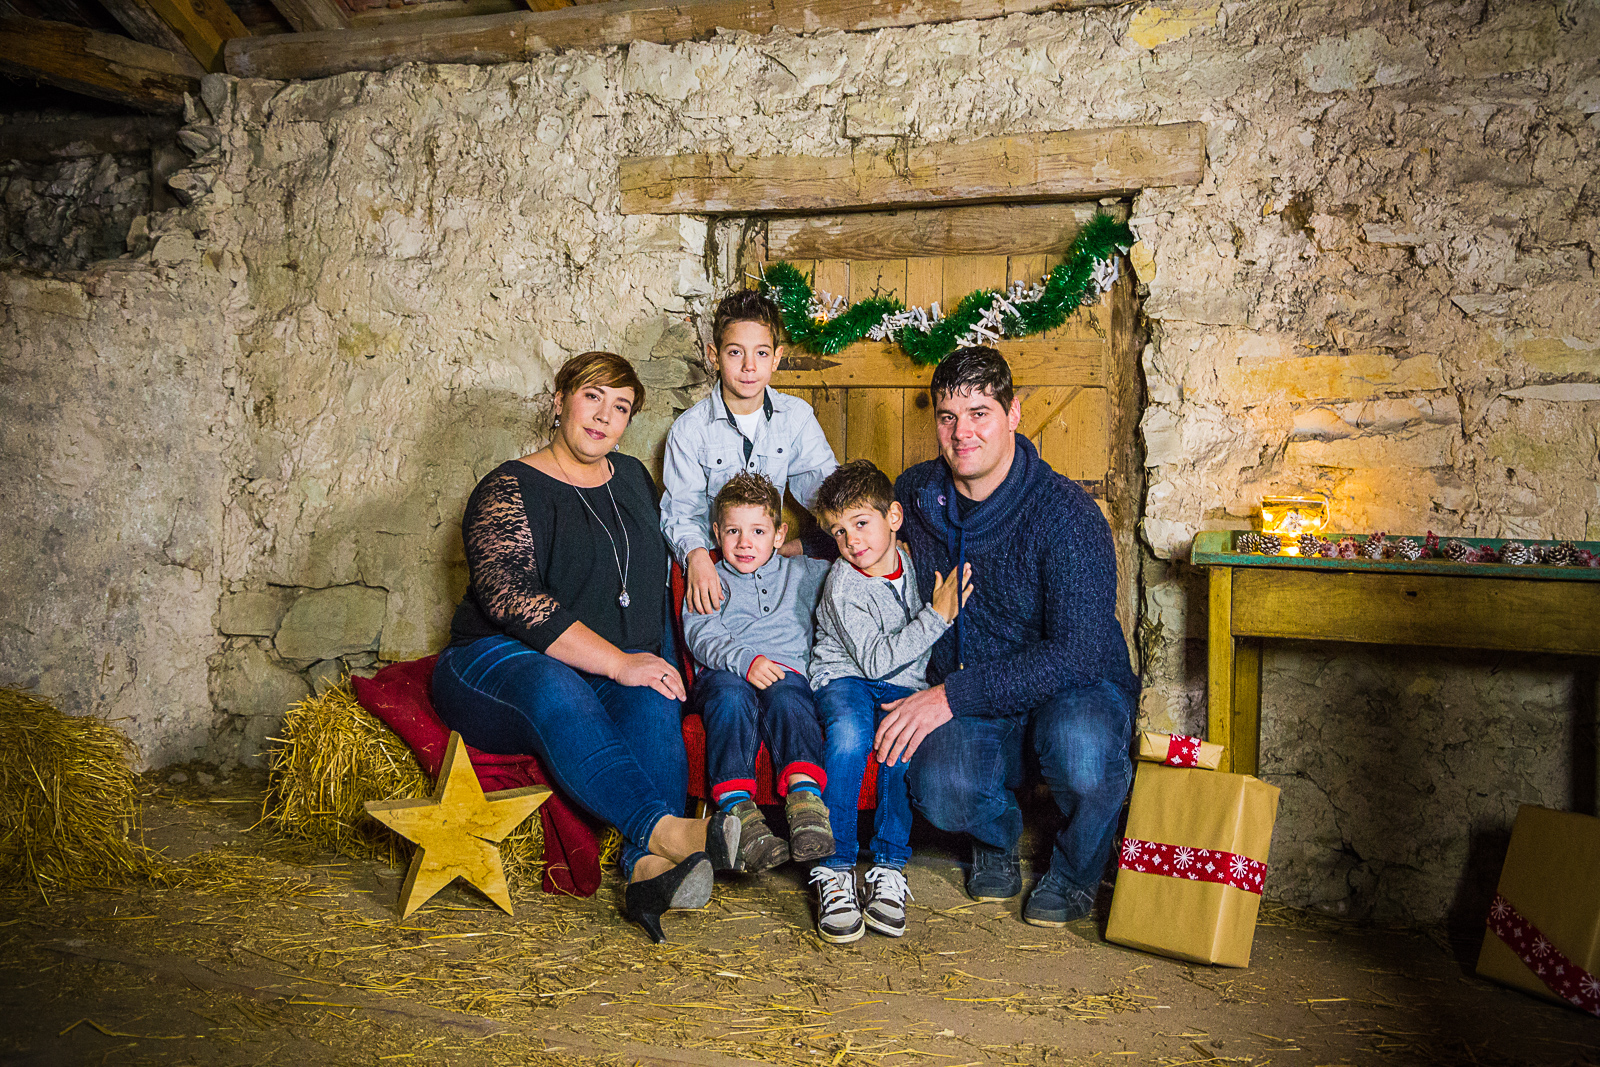 Weihnachtsbilder im Stodl – Kerstin Jakobs